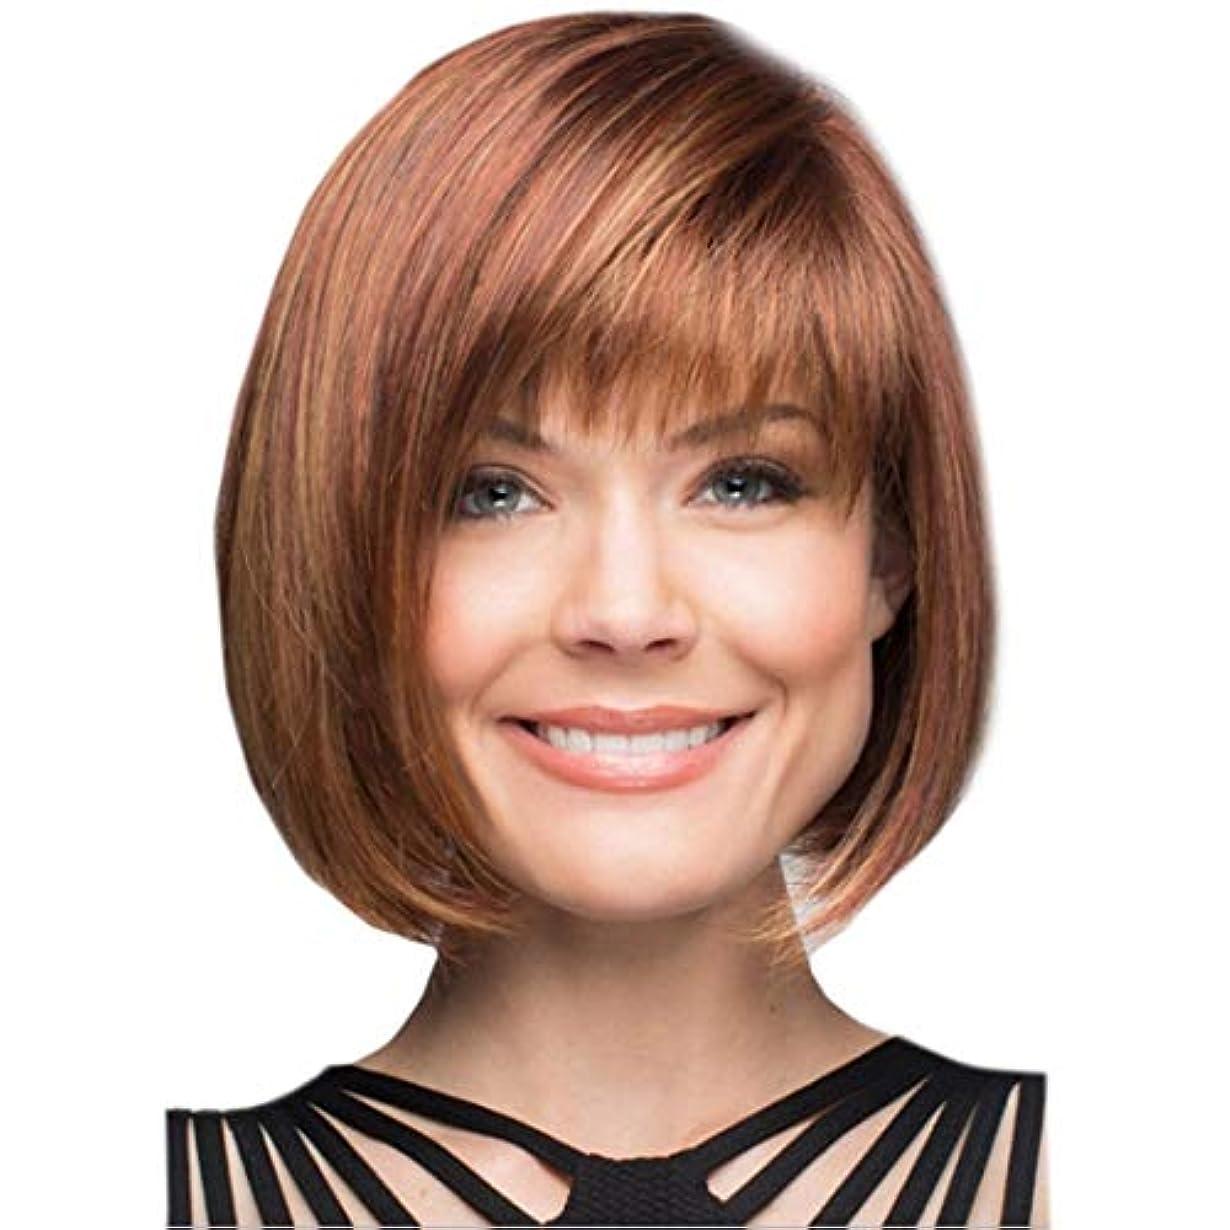 リード老朽化した水平Kerwinner 女性のための茶色の短いストレートヘアスプリットボボヘッドウィッグ化学繊維ウィッグヘッドギア